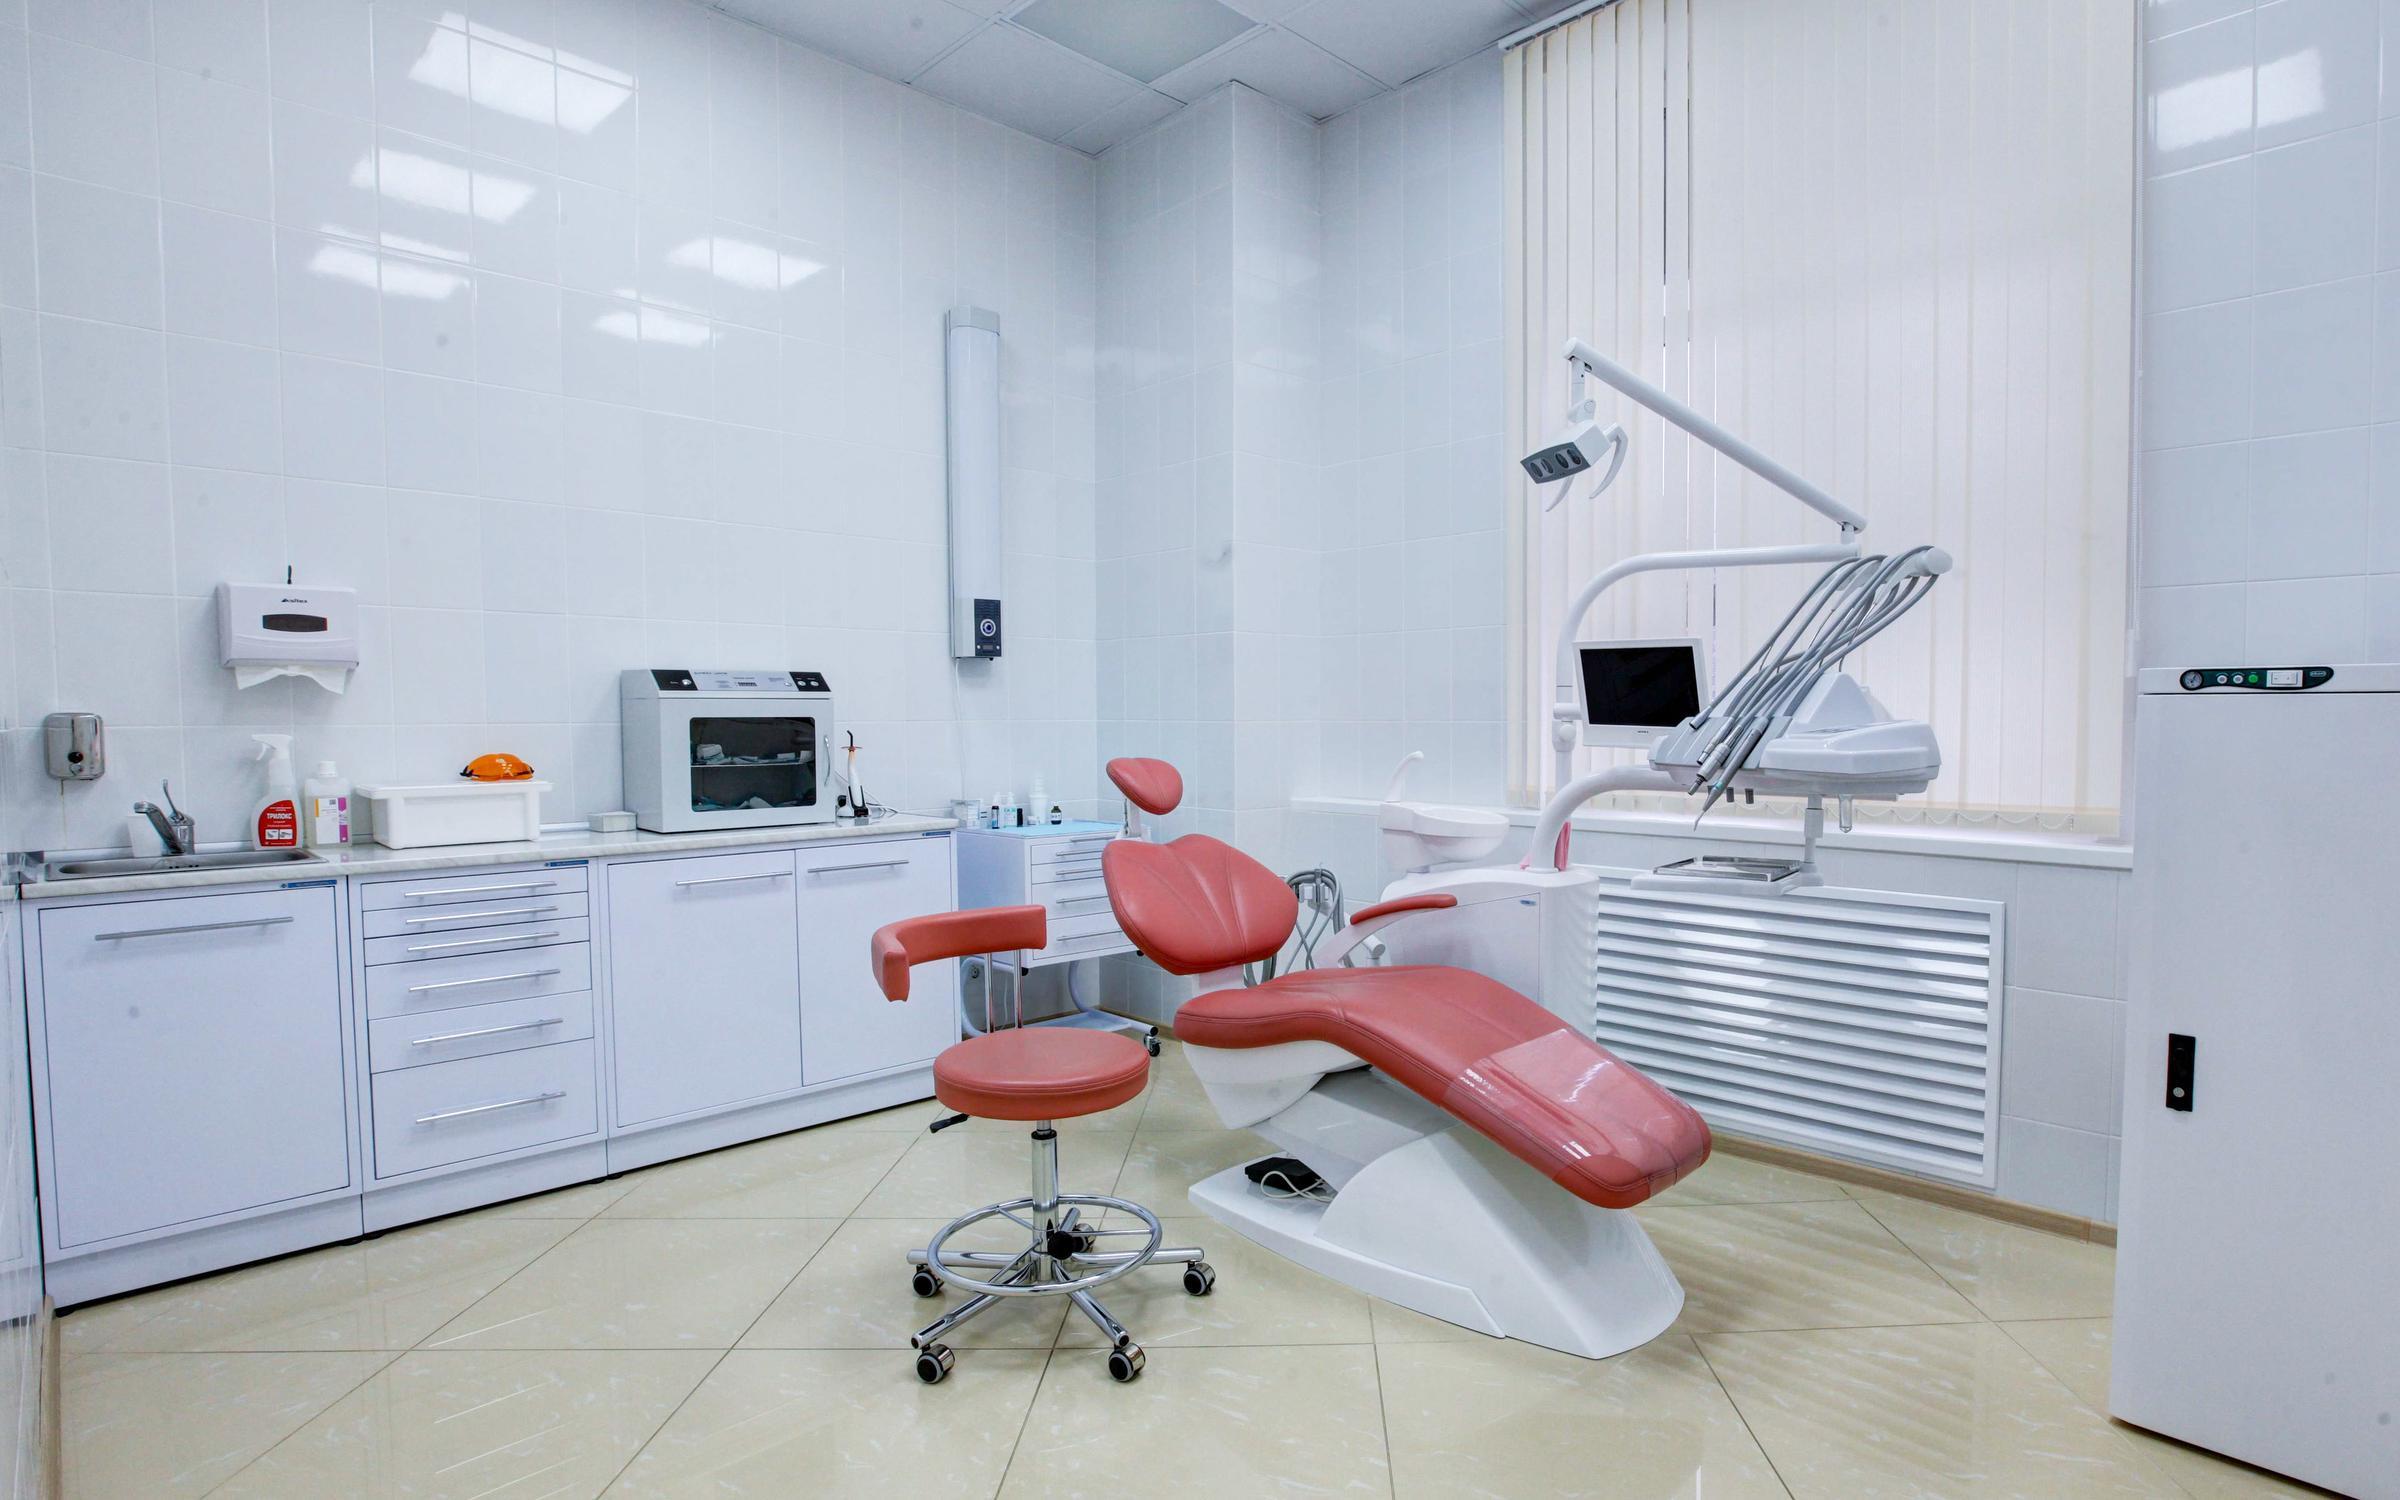 фотография Стоматологической клиники ИЛАТАН на Коровинском шоссе